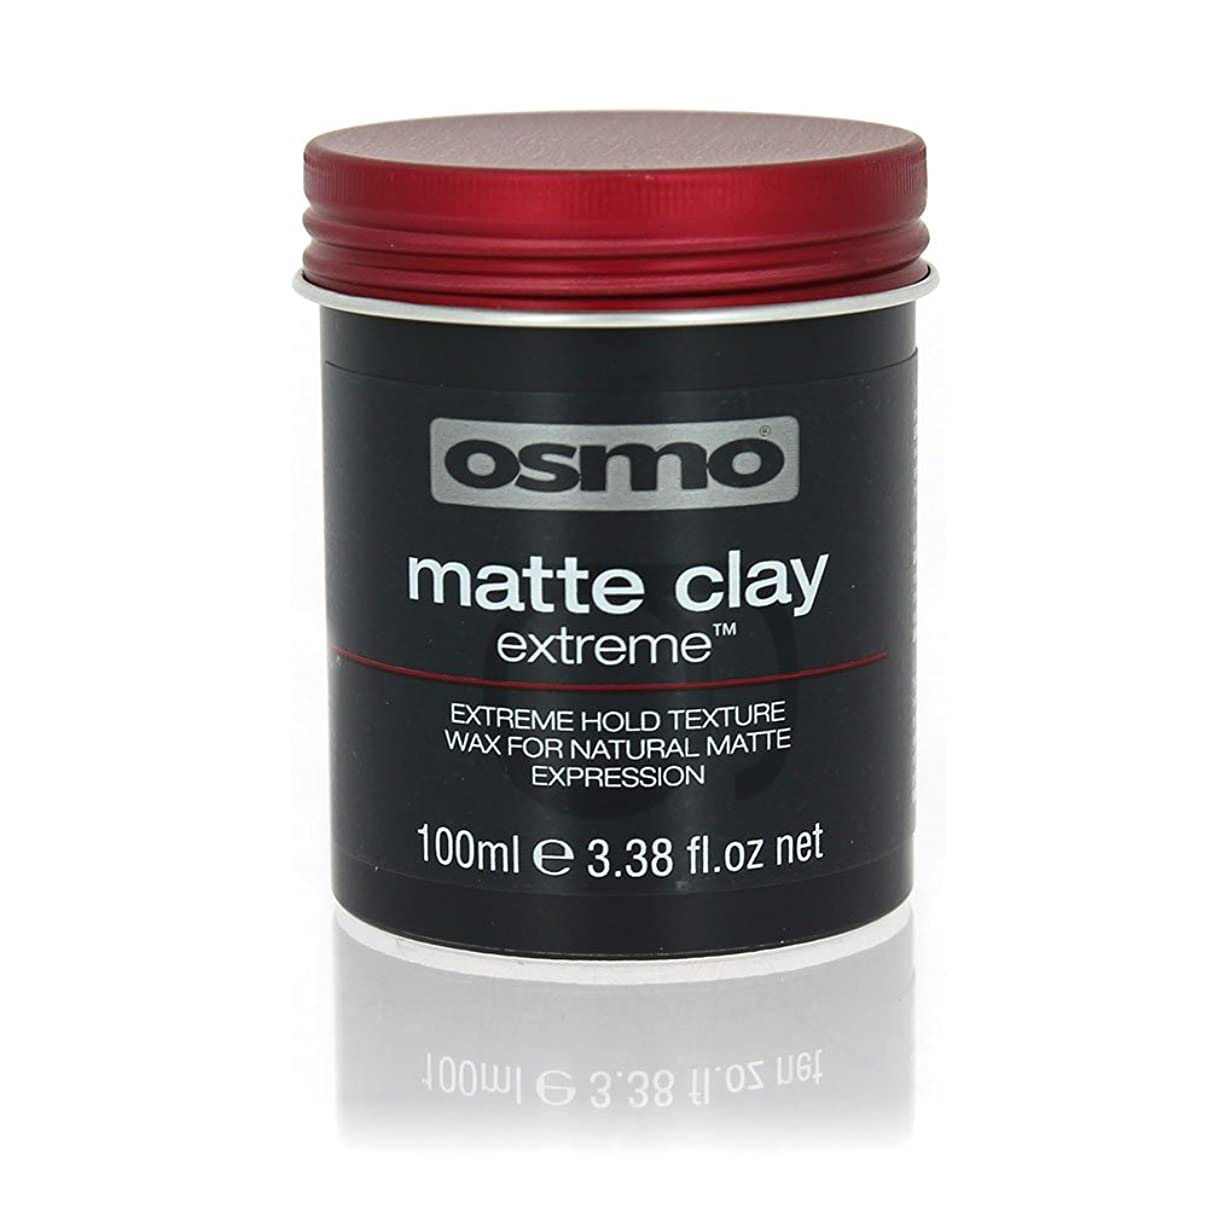 プラットフォーム研究所スパイアレス OSMO グルーミングヘアワックス マットクレイエクストリーム 100ml